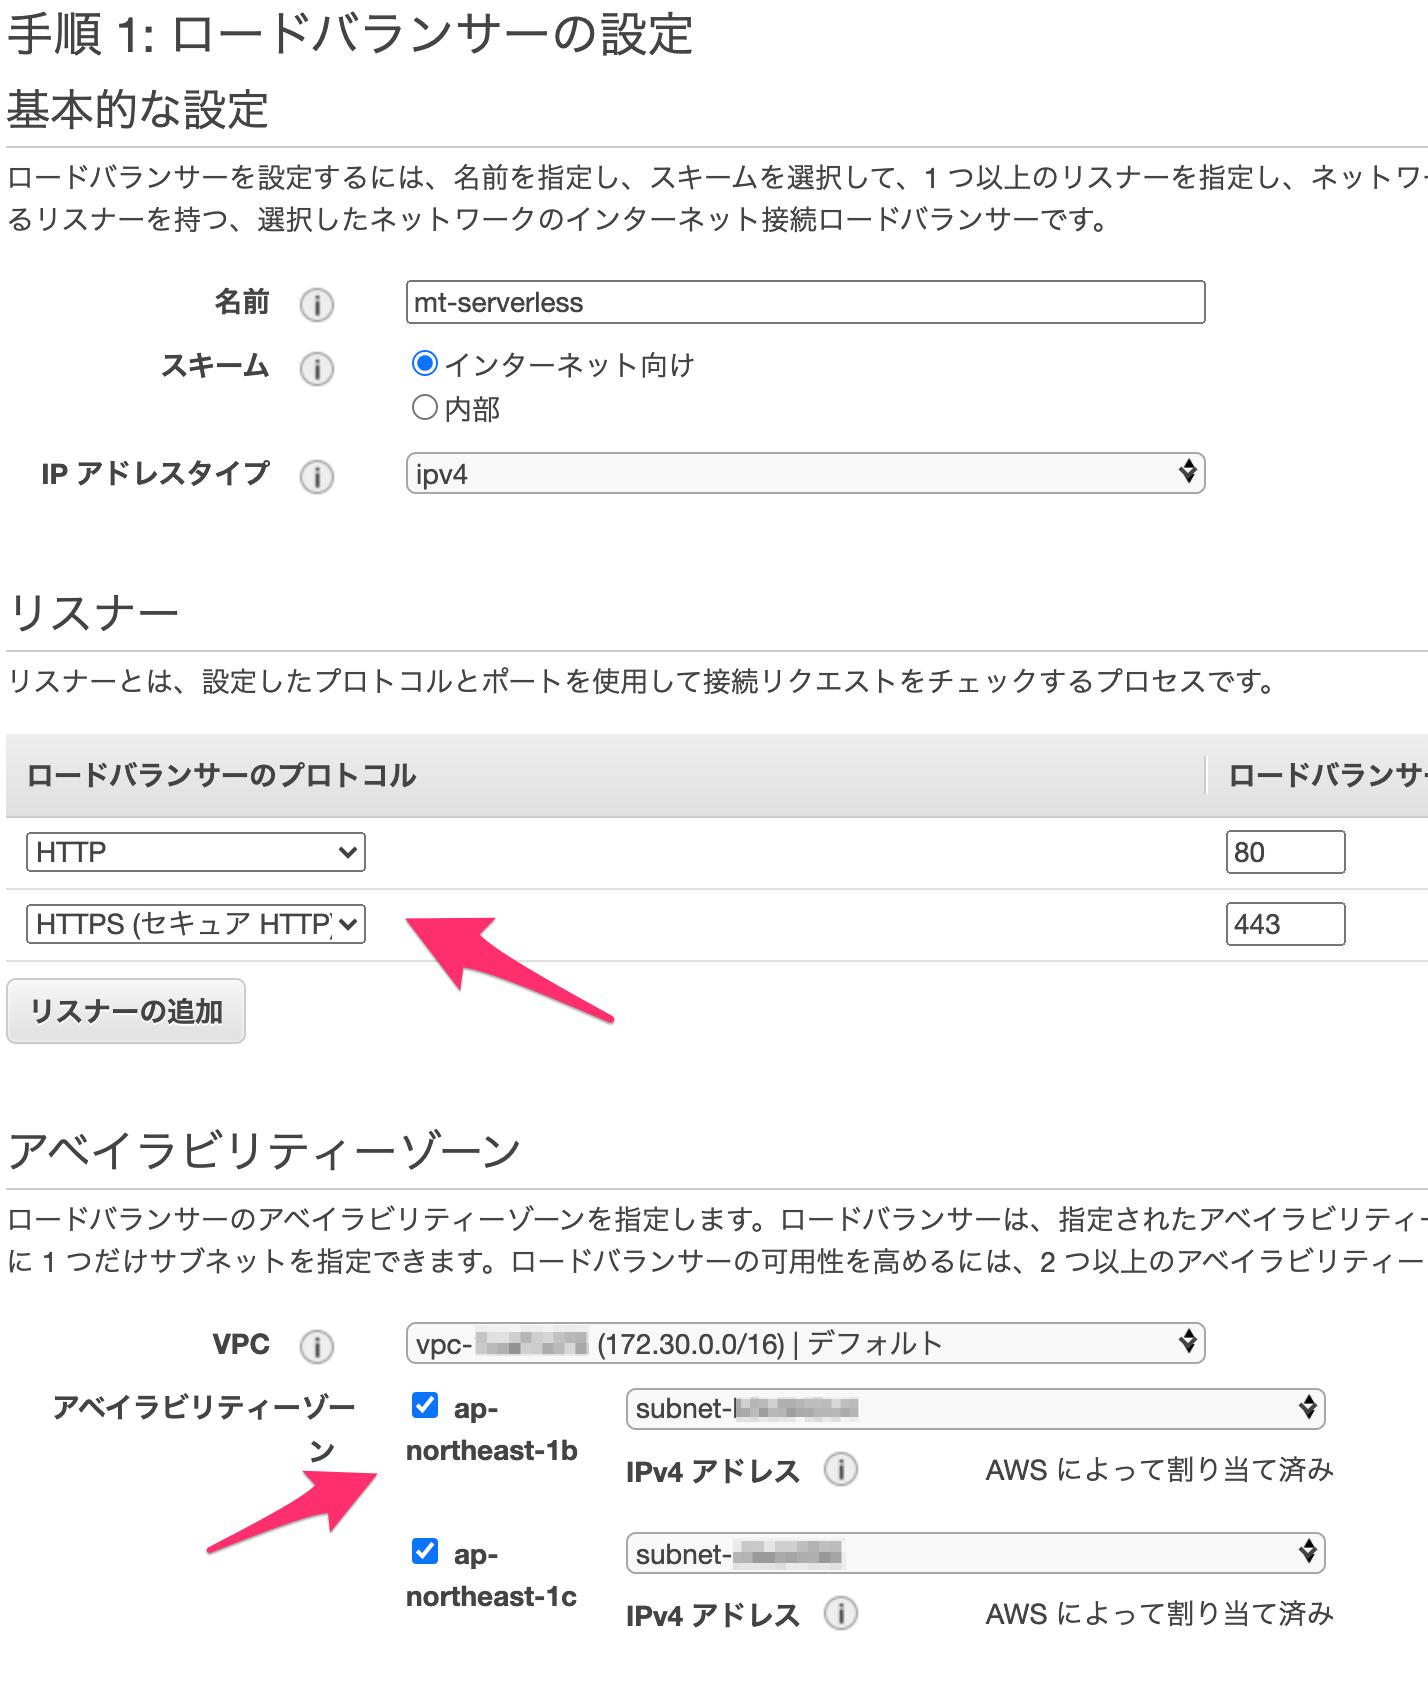 ロードバランサーの作成___EC2_Management_Console.png